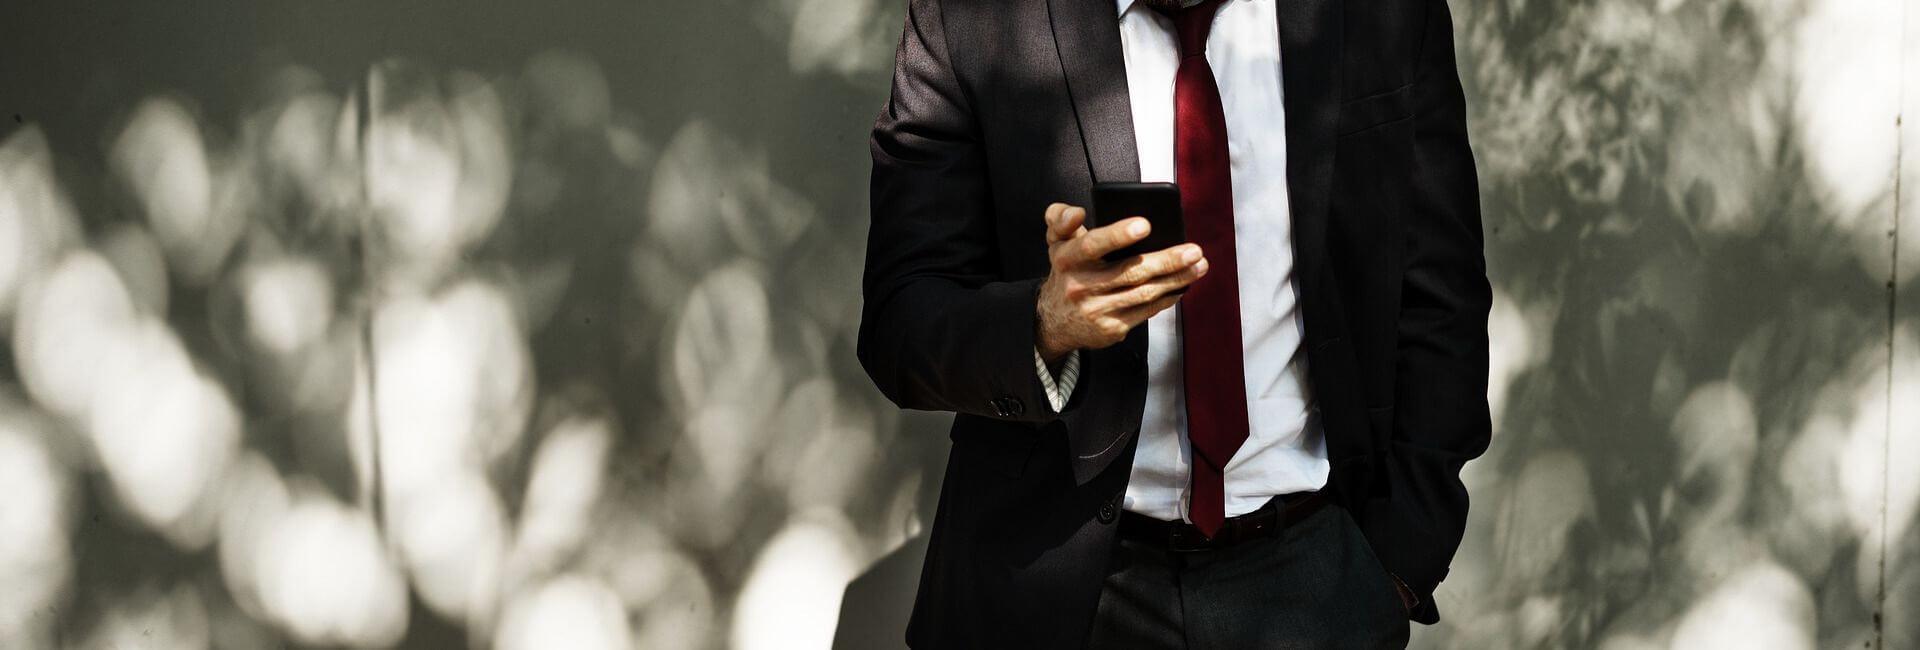 Bästa mobil platform: Mobilebet